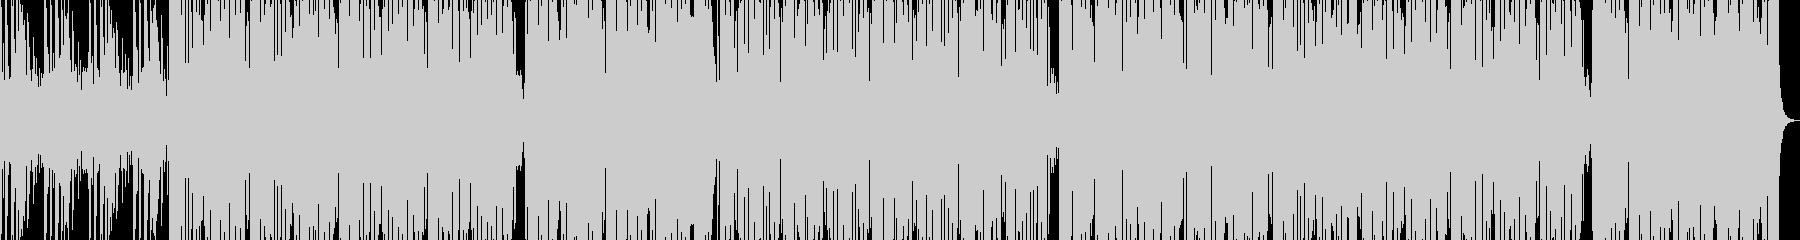 重低音が響く個性的なHIPHOPビートの未再生の波形